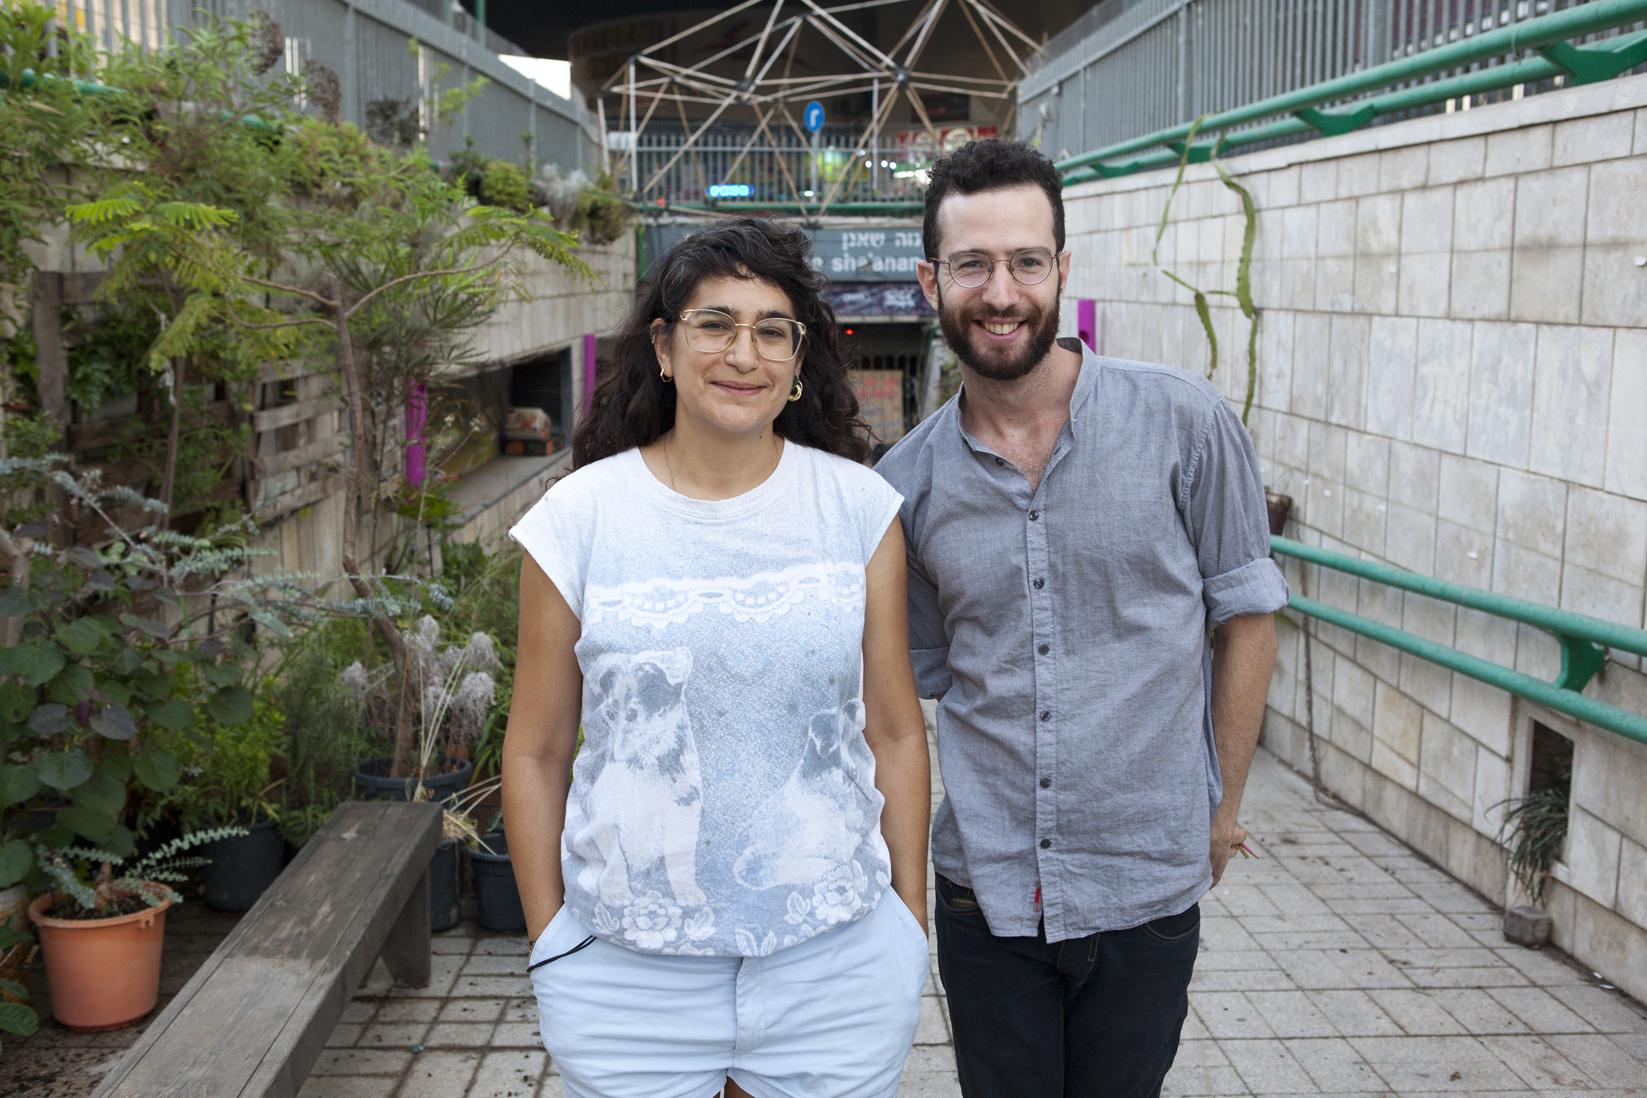 Heela Harel & Yoav Shafranek of the ONYA Collective